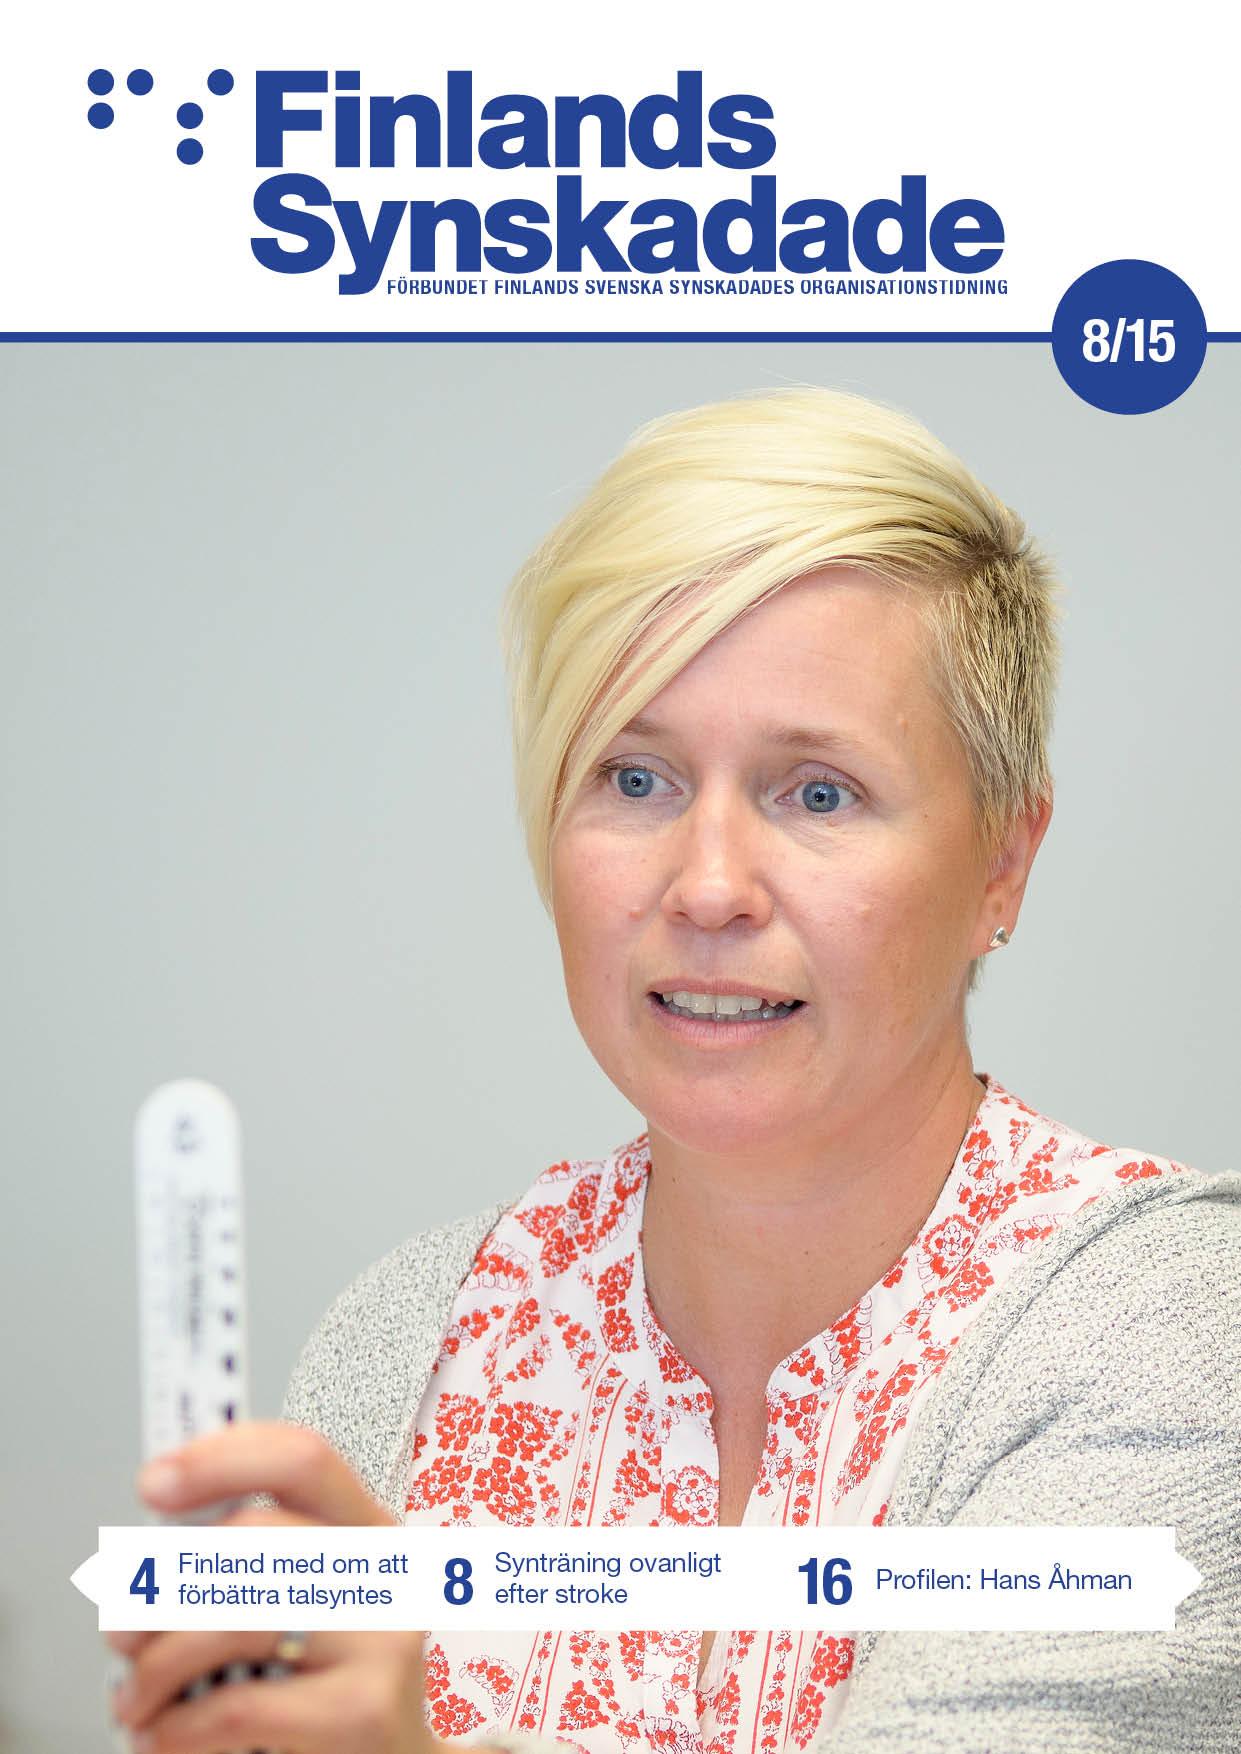 Pärmbild av Finlands Synskadade nummer 8. Synpedagog Misa Möller gör en syngranskning. En funktionell synkartläggning är mer omfattande än en vanlig syngranskning. Under kartläggningen studeras förutom synskärpa också ögonens samverkan och rörelse.